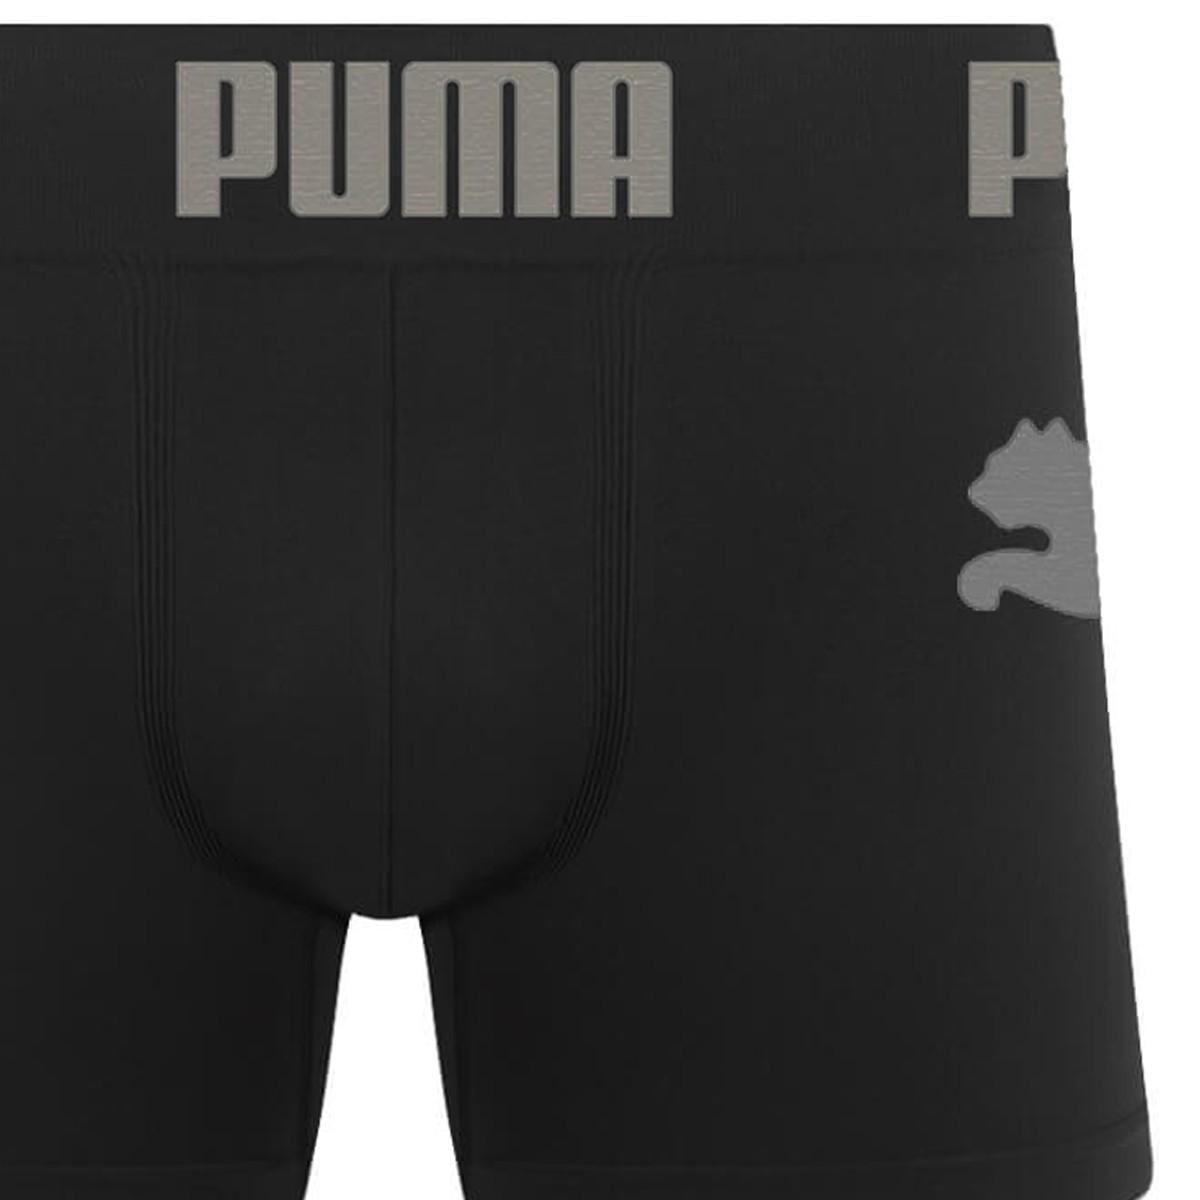 Cueca Boxer Puma Microfibra Preta e Cinza